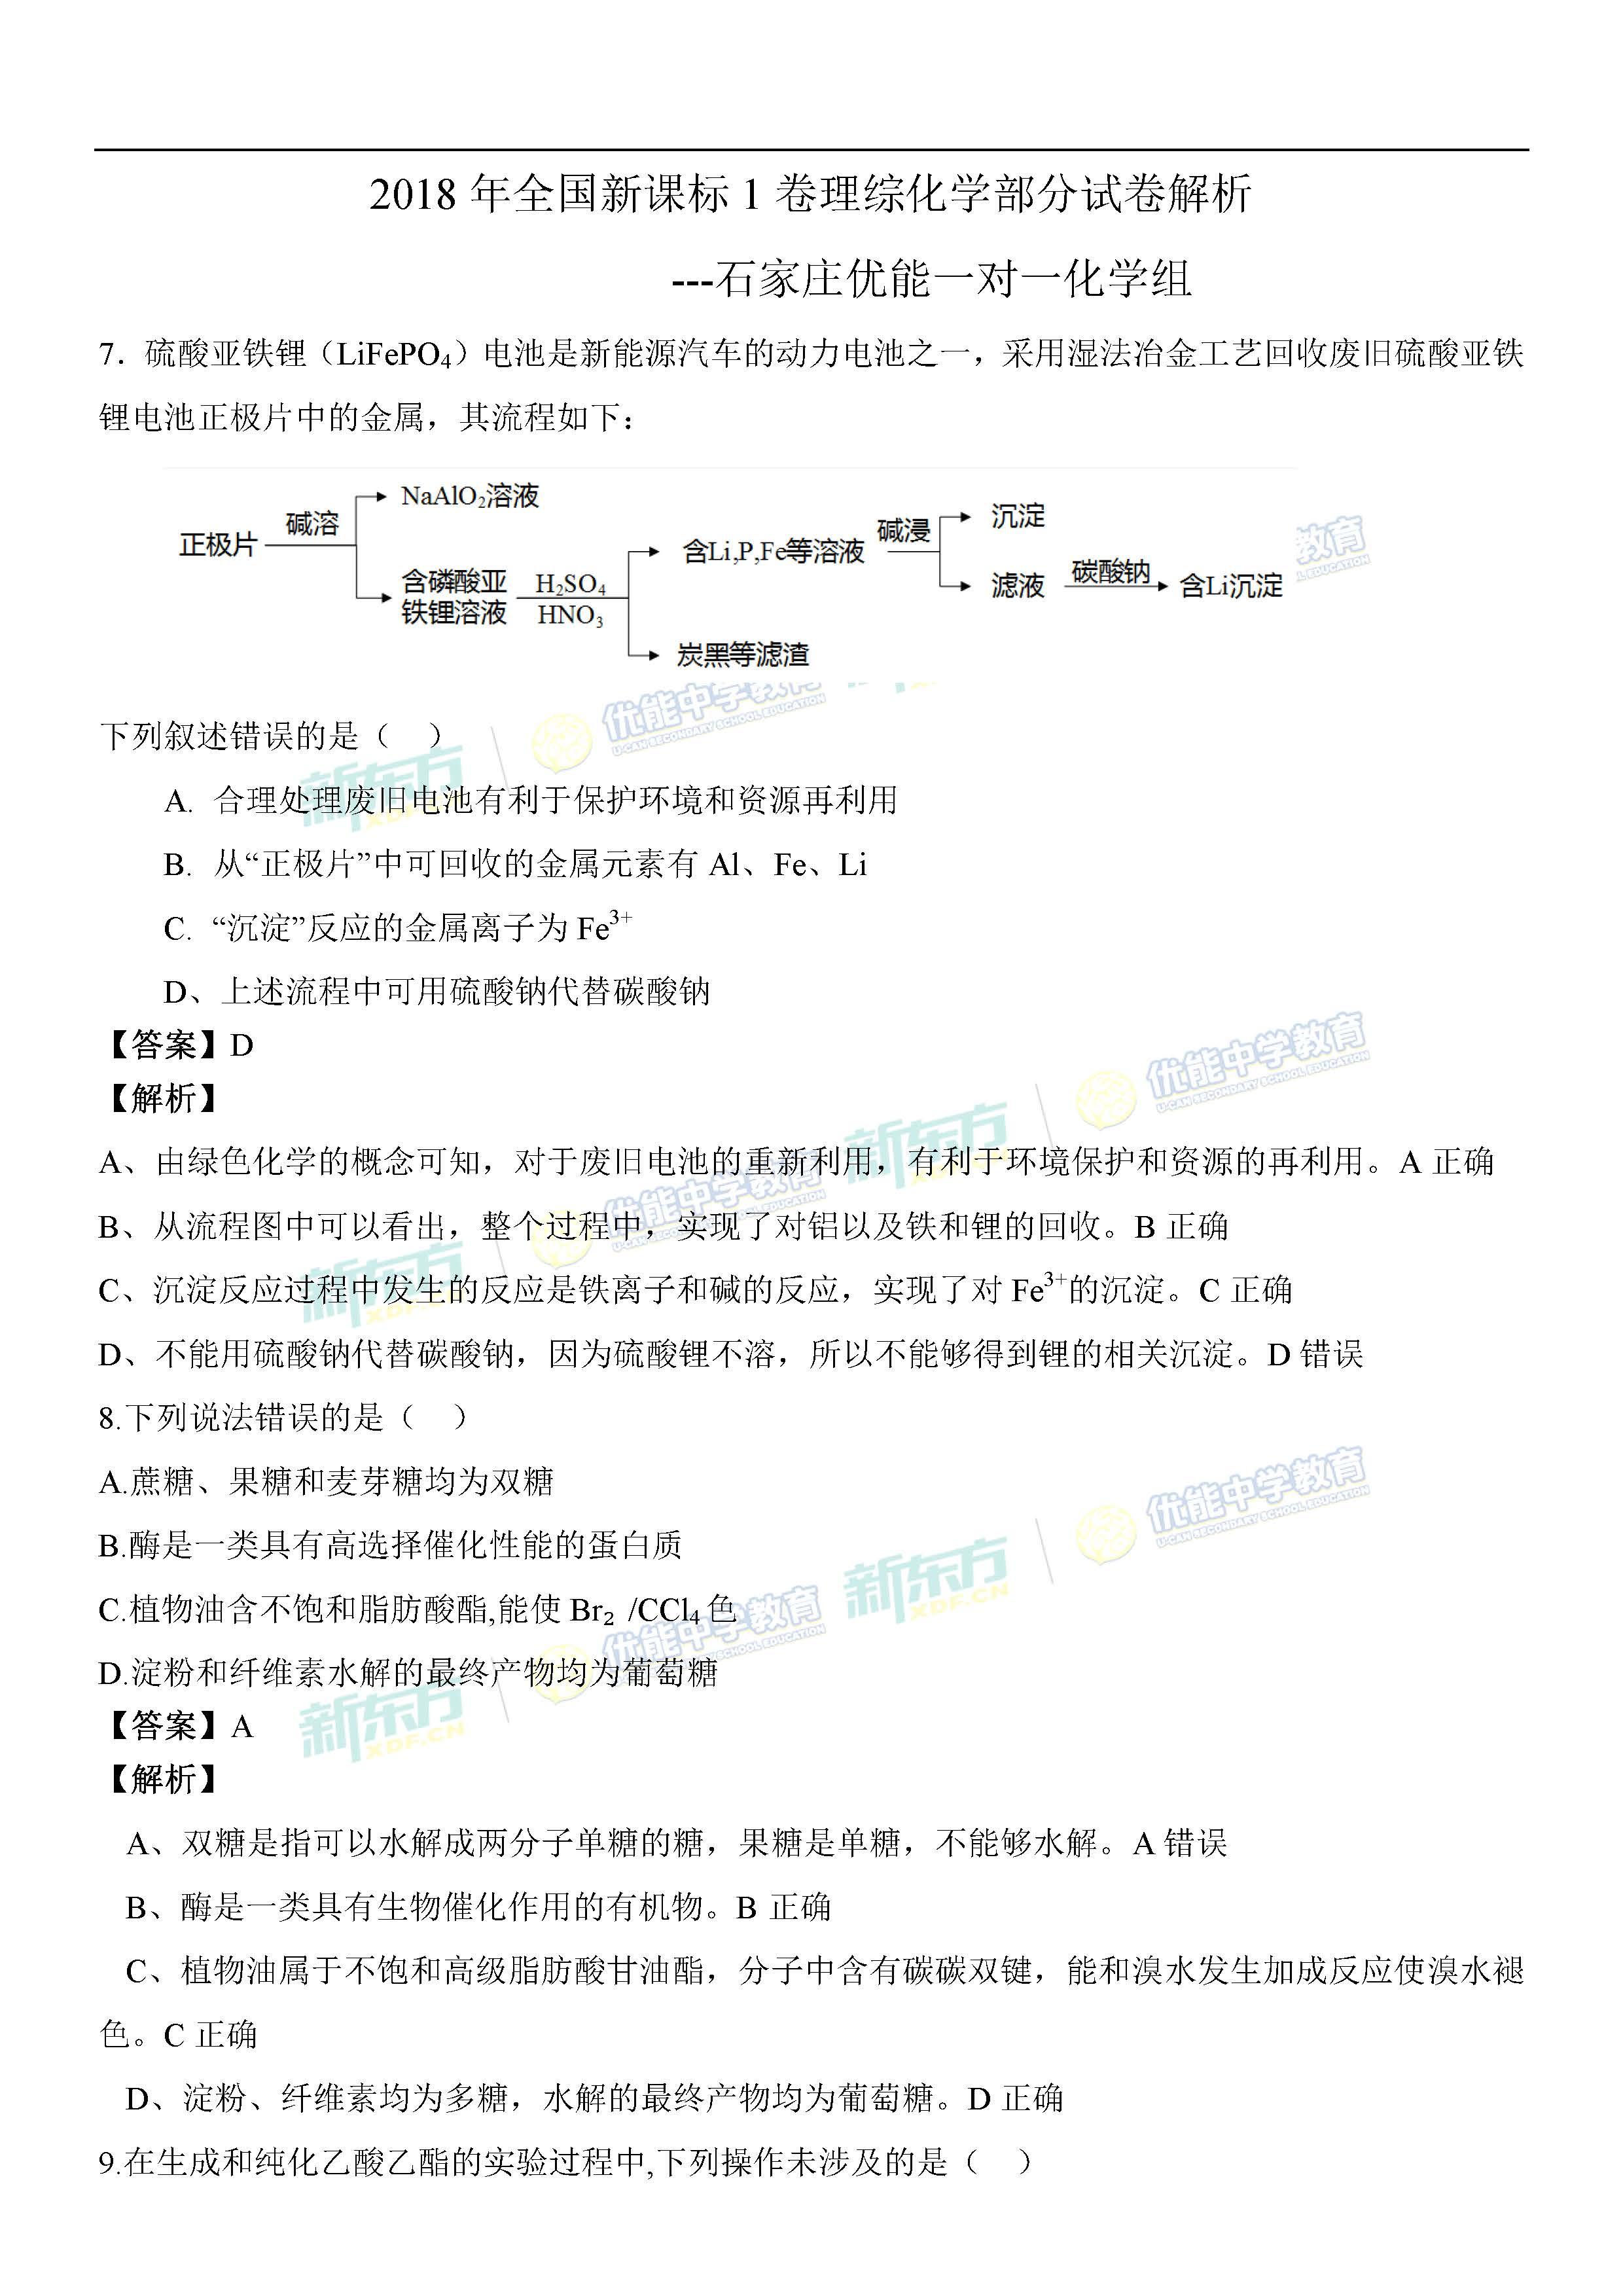 2018全国卷1高考化学试题逐题解析(石家庄新东方)